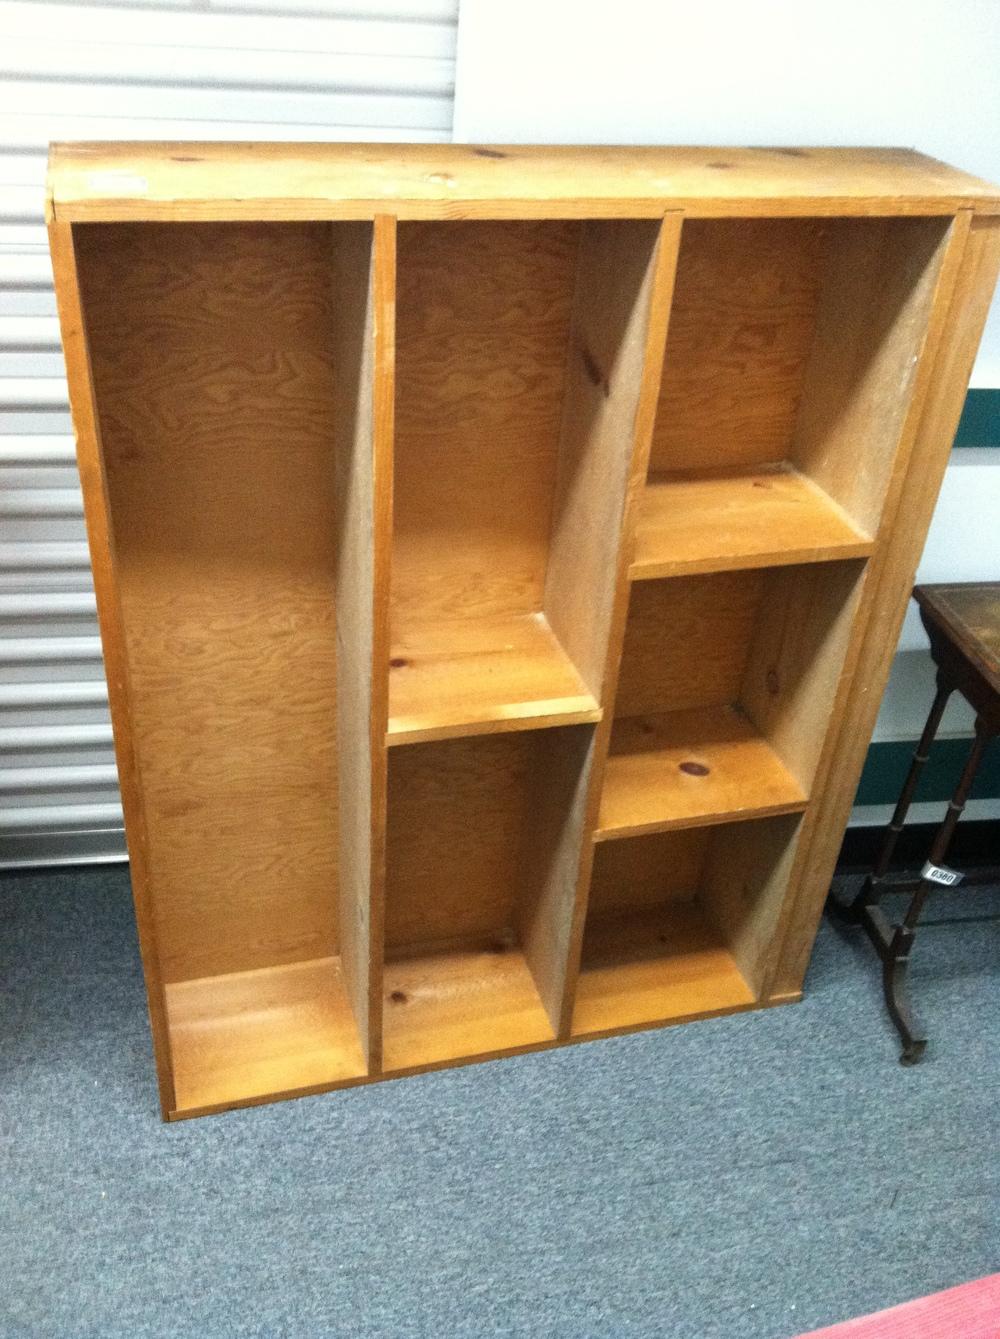 0374: Wood Shelf